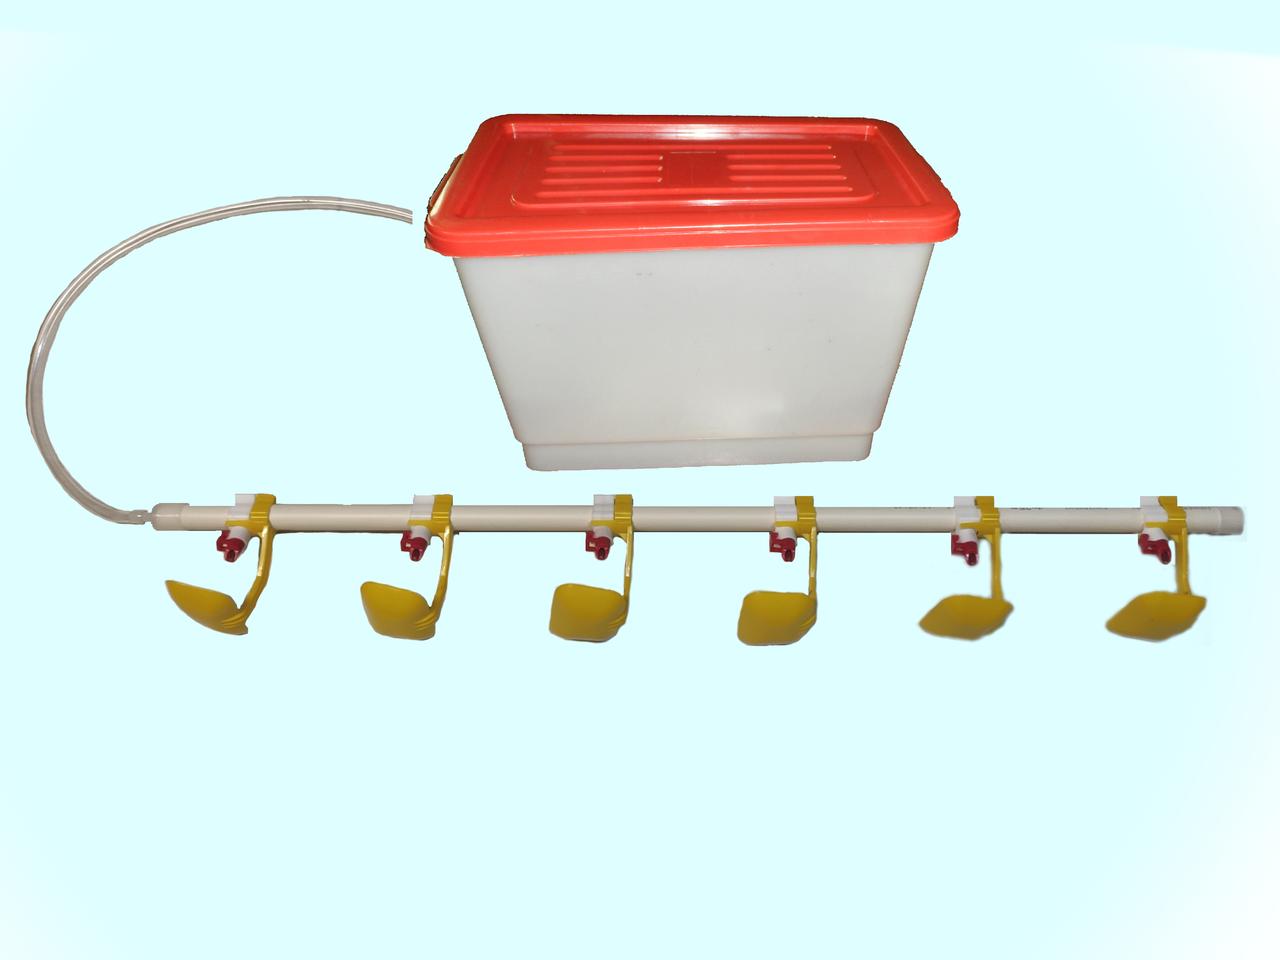 Комплект ниппельного поения для утки с баком. Ниппельные поилки